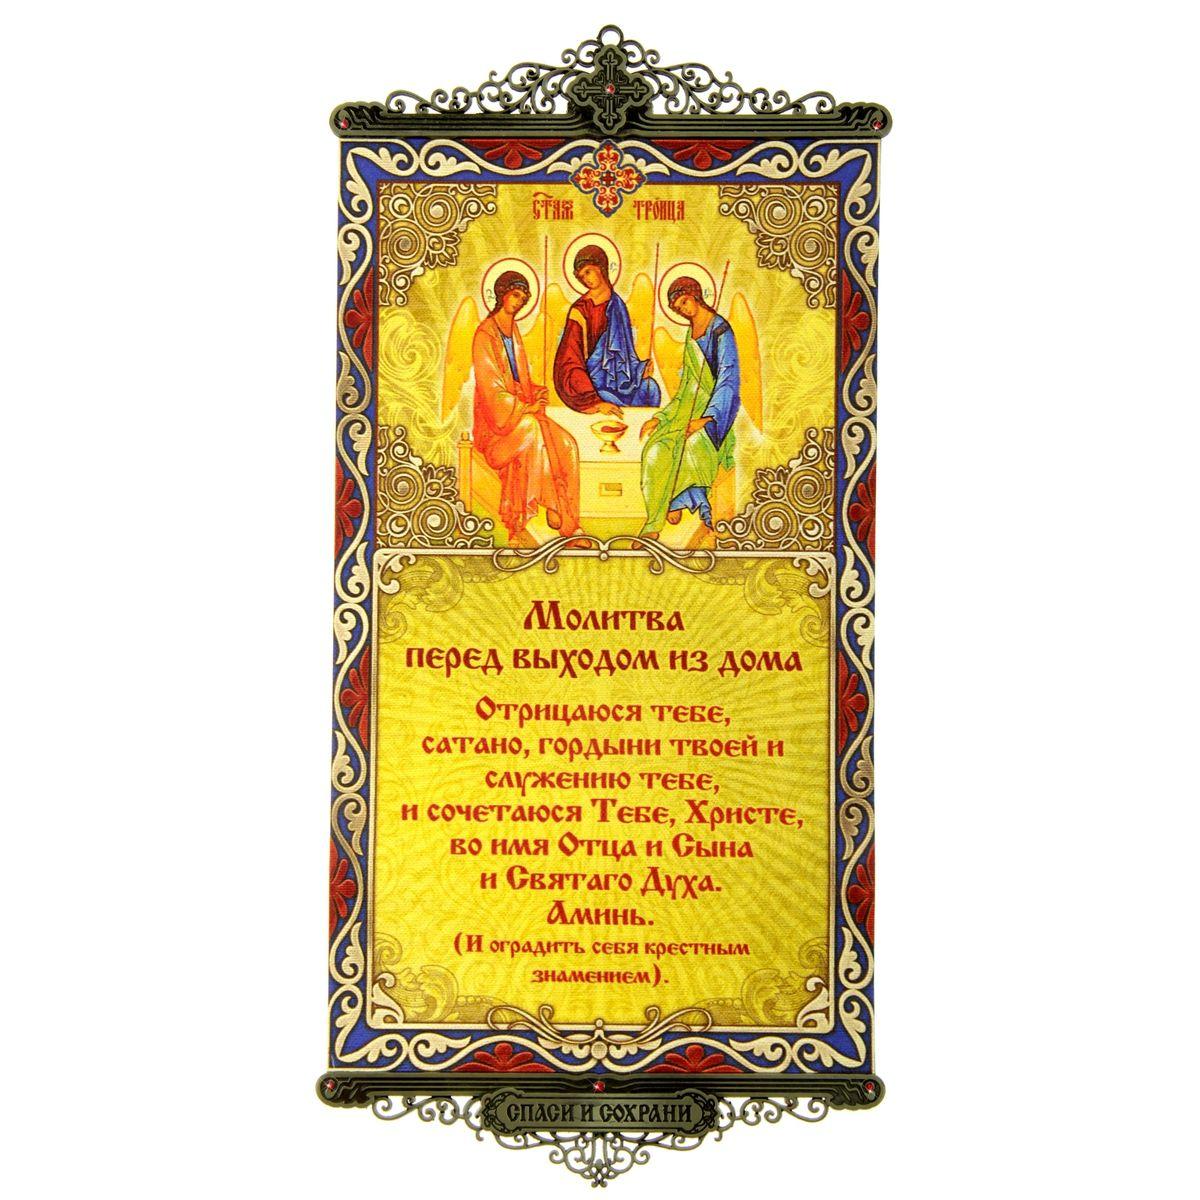 Икона с молитвой Молитва перед выходом из дома, на подвесах54 009312Икона с молитвой Молитва перед выходом из дома выполнена из плотного текстиля с нанесенным цветным рисунком, края декорированы ажурными металлическими вставками со стразами. Цветовая гамма и интерьер влияют на настроение каждого, именно поэтому так важны детали, которые нас окружают. Знатоки интерьерных решений стараются применять самые разнообразные решения при художественном оформлении внутреннего пространства и использовать все возможные материалы. Икона с молитвой на подвесах - это хорошее решение для интерьера по выгодной цене!